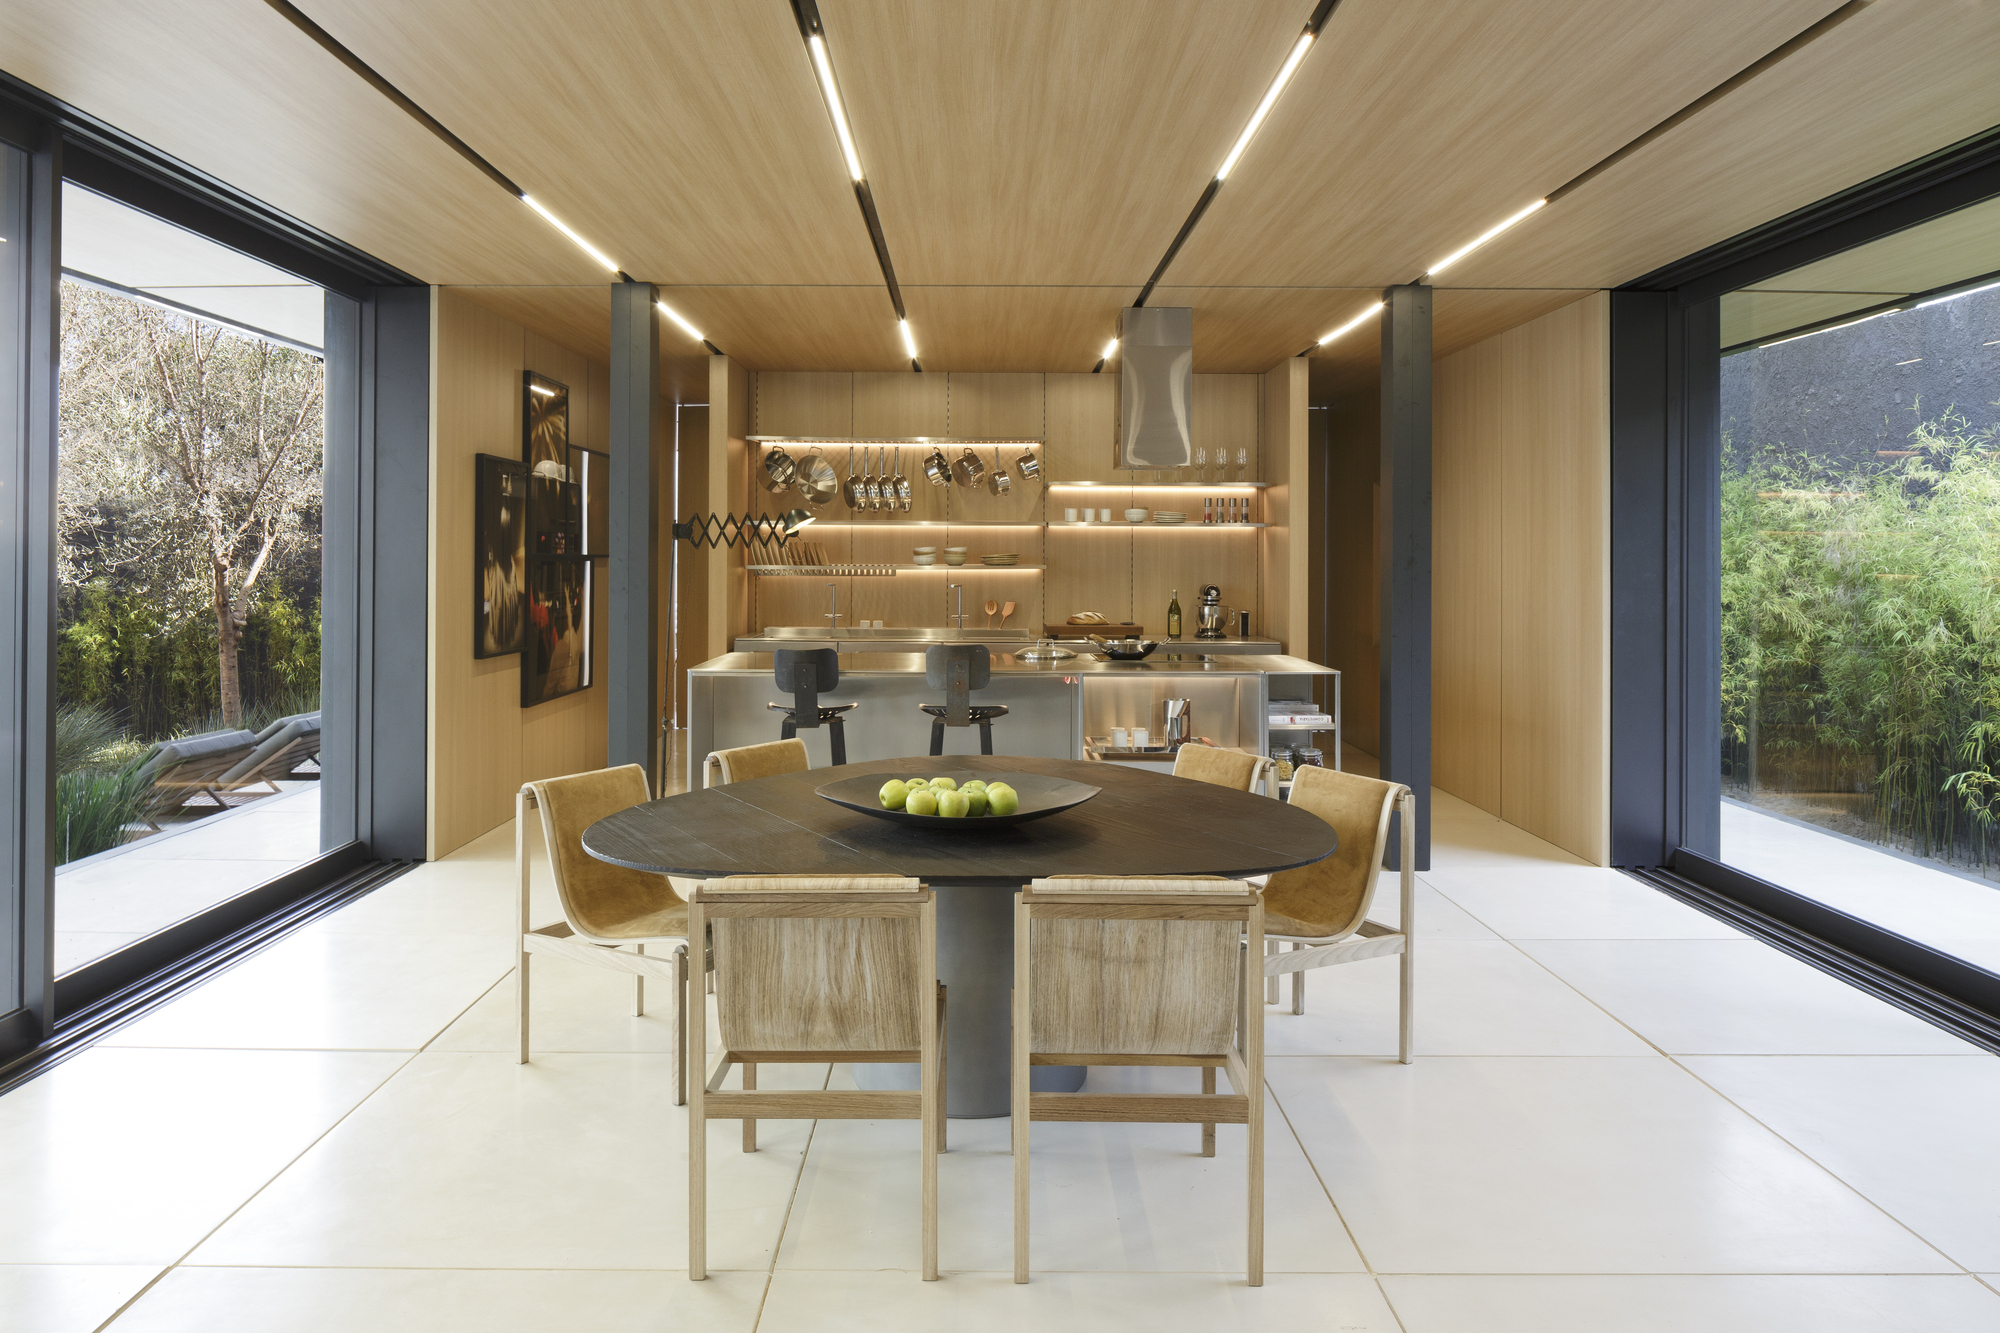 Gallery of Syshaus Residence / Studio Arthur Casas - 2